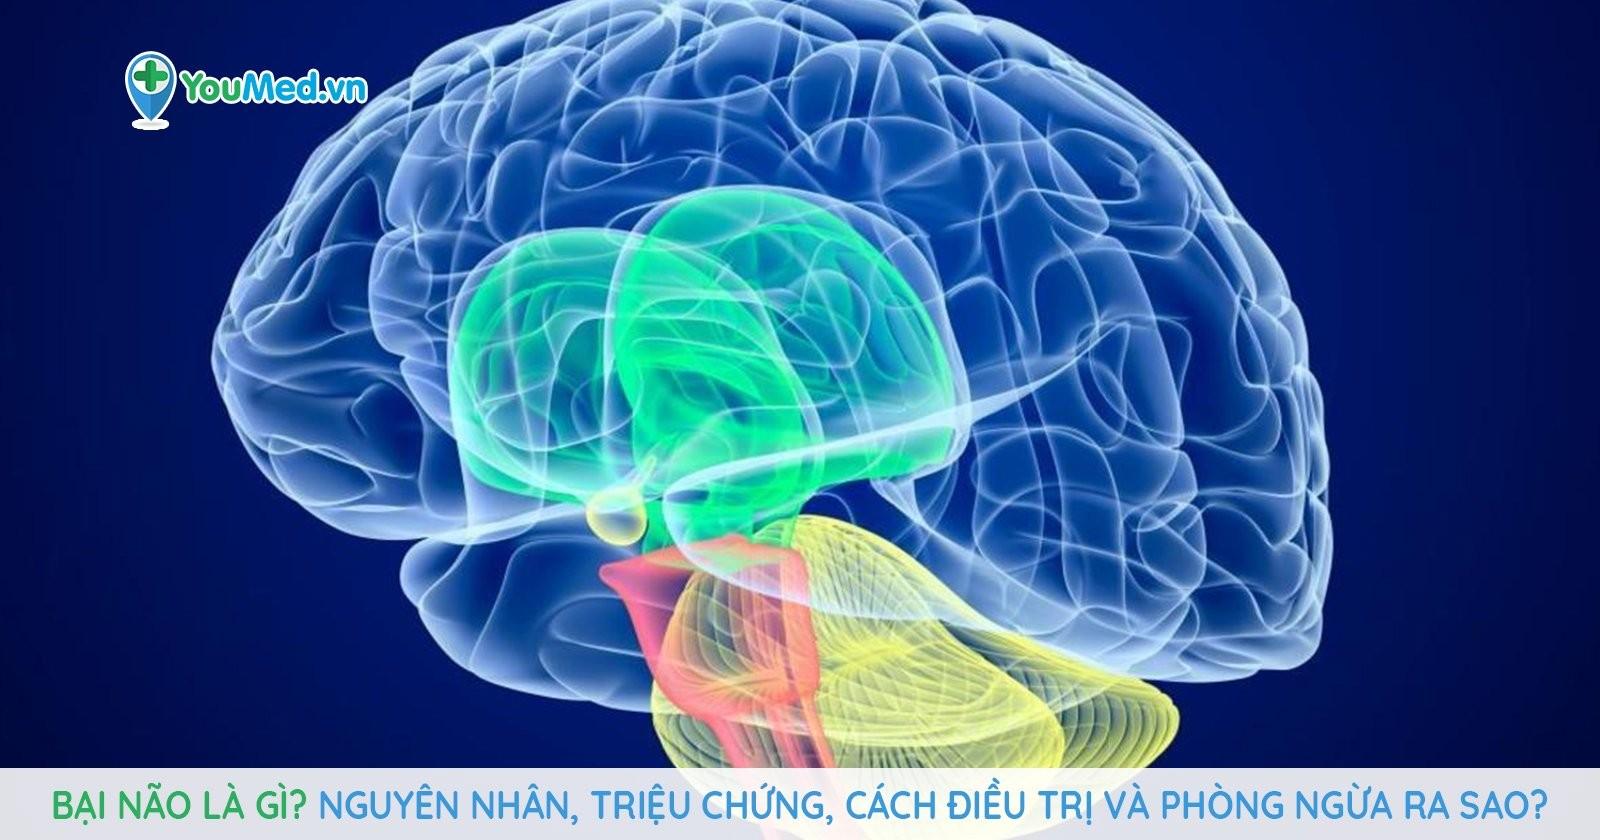 Bại não là gì? Nguyên nhân, triệu chứng, cách điều trị và phòng ngừa ra sao?